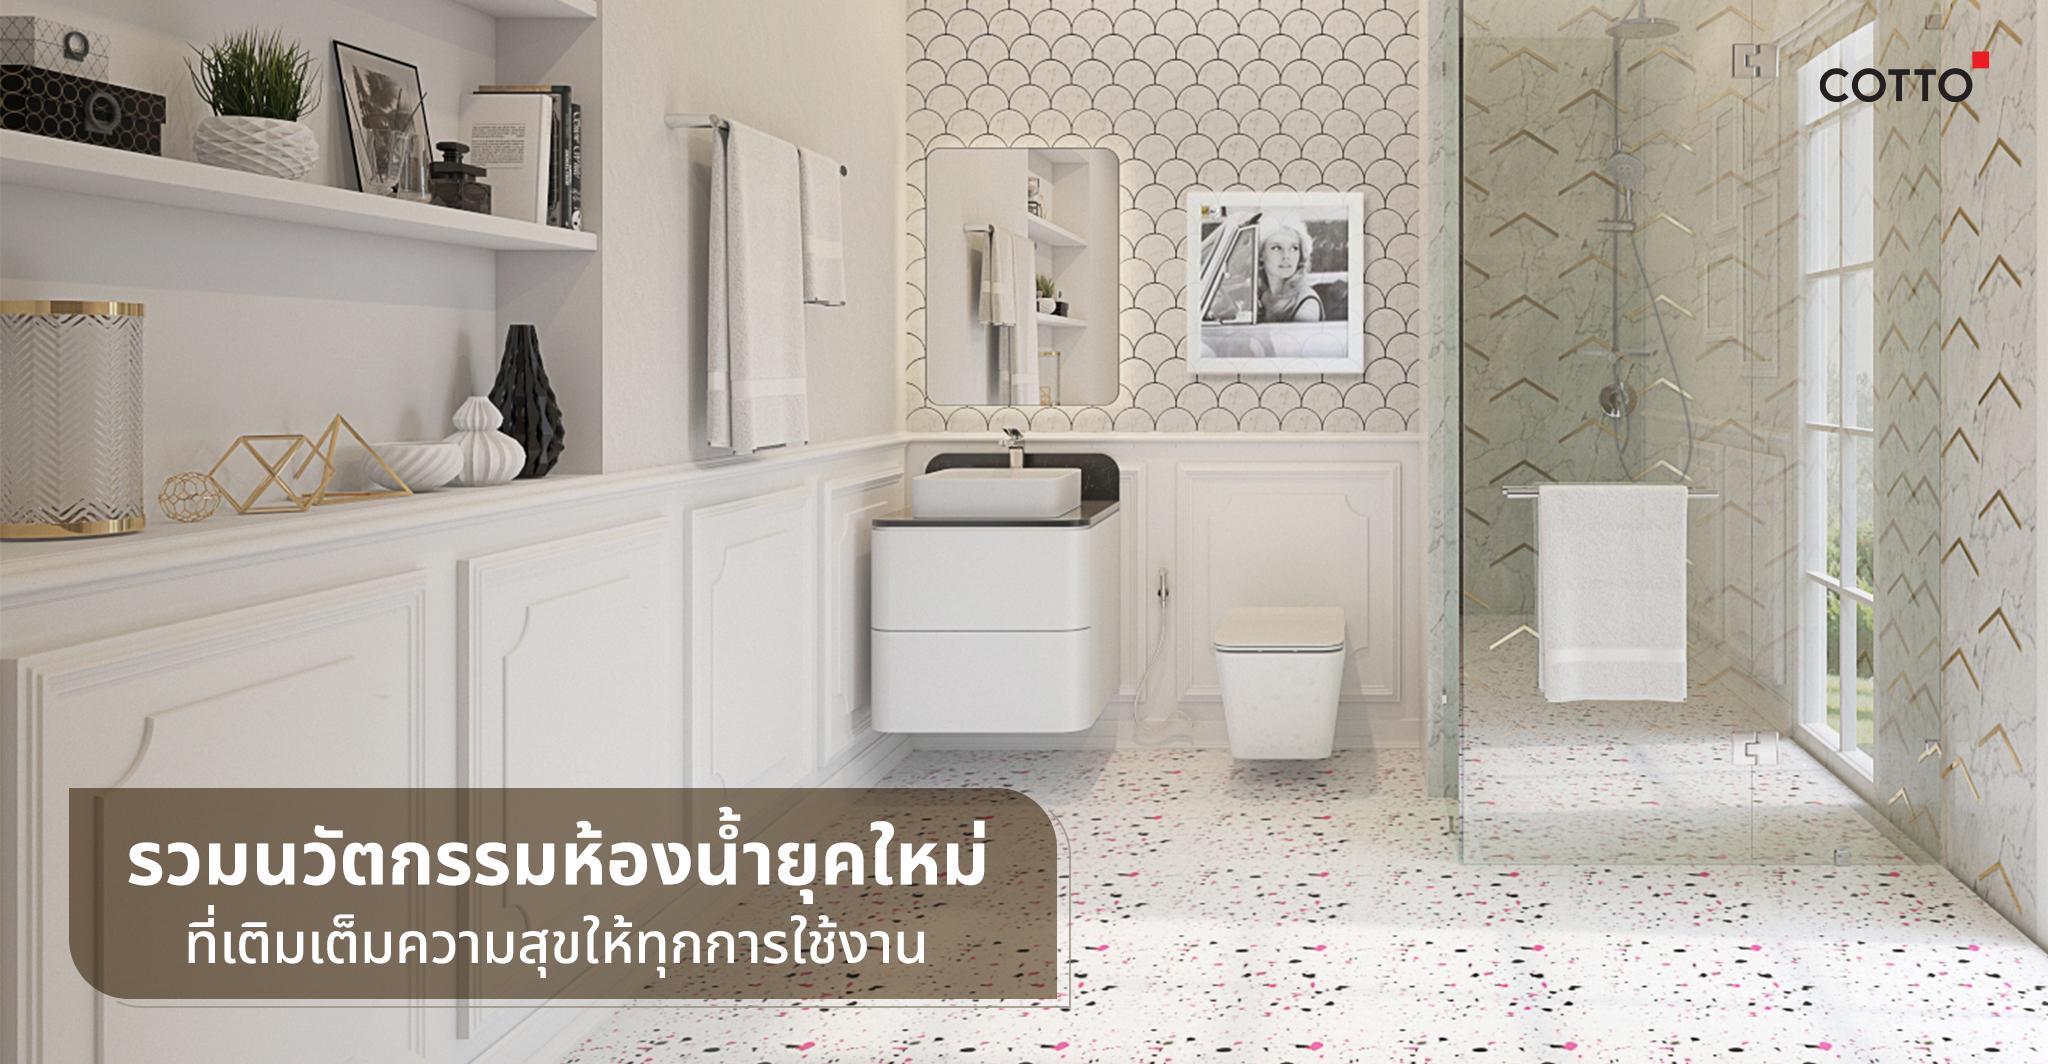 รวมนวัตกรรมห้องน้ำยุคใหม่ ที่เติมเต็มความสุขให้ทุกการใช้งาน